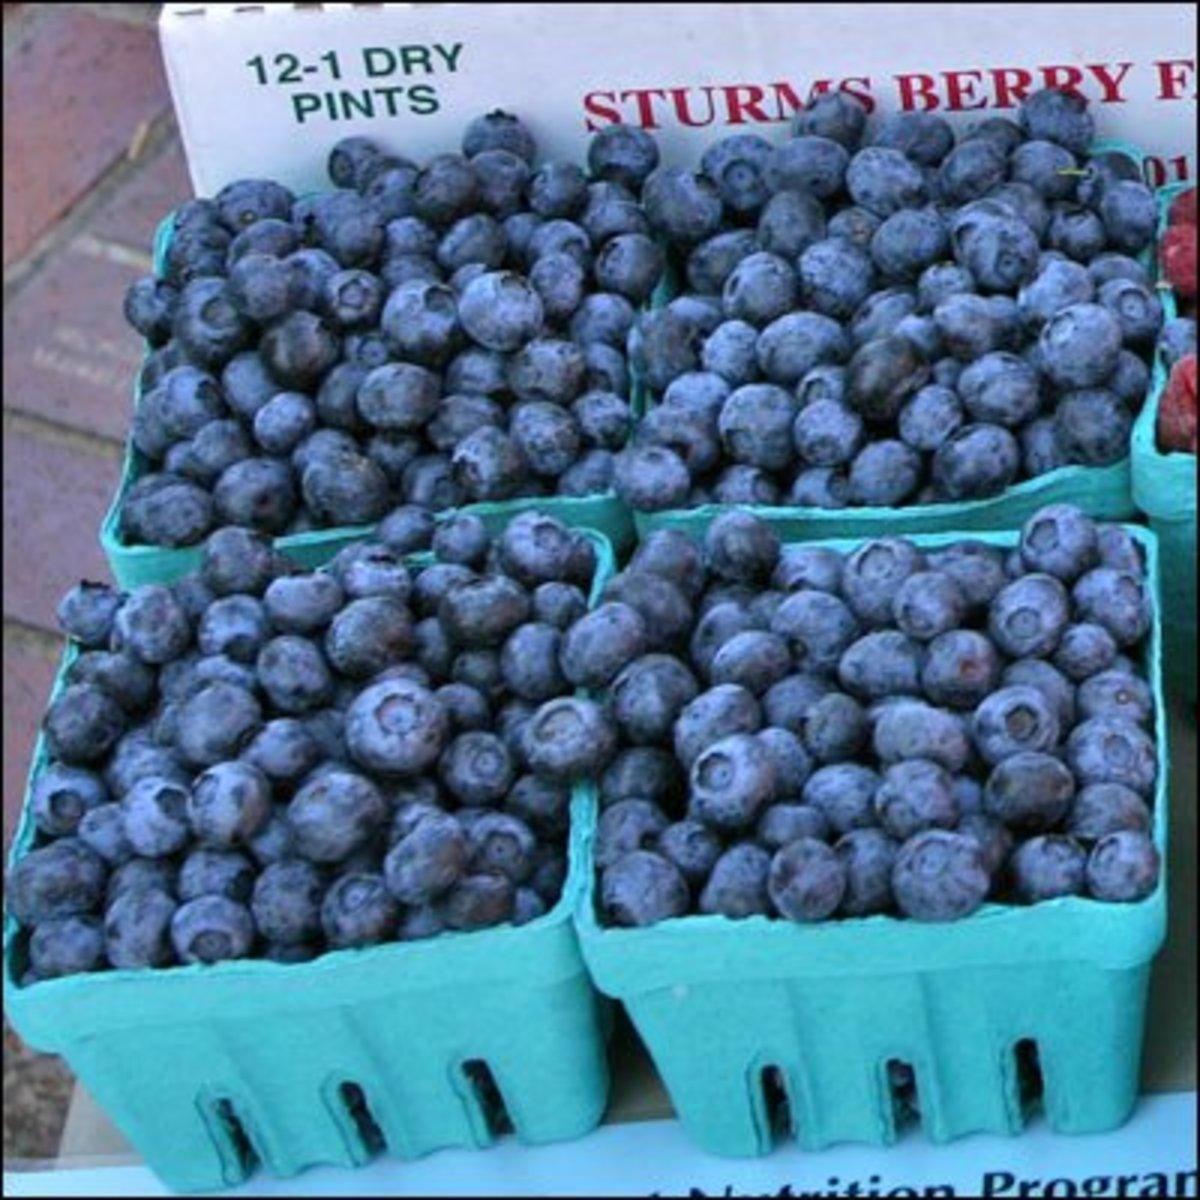 Juicy blueberries